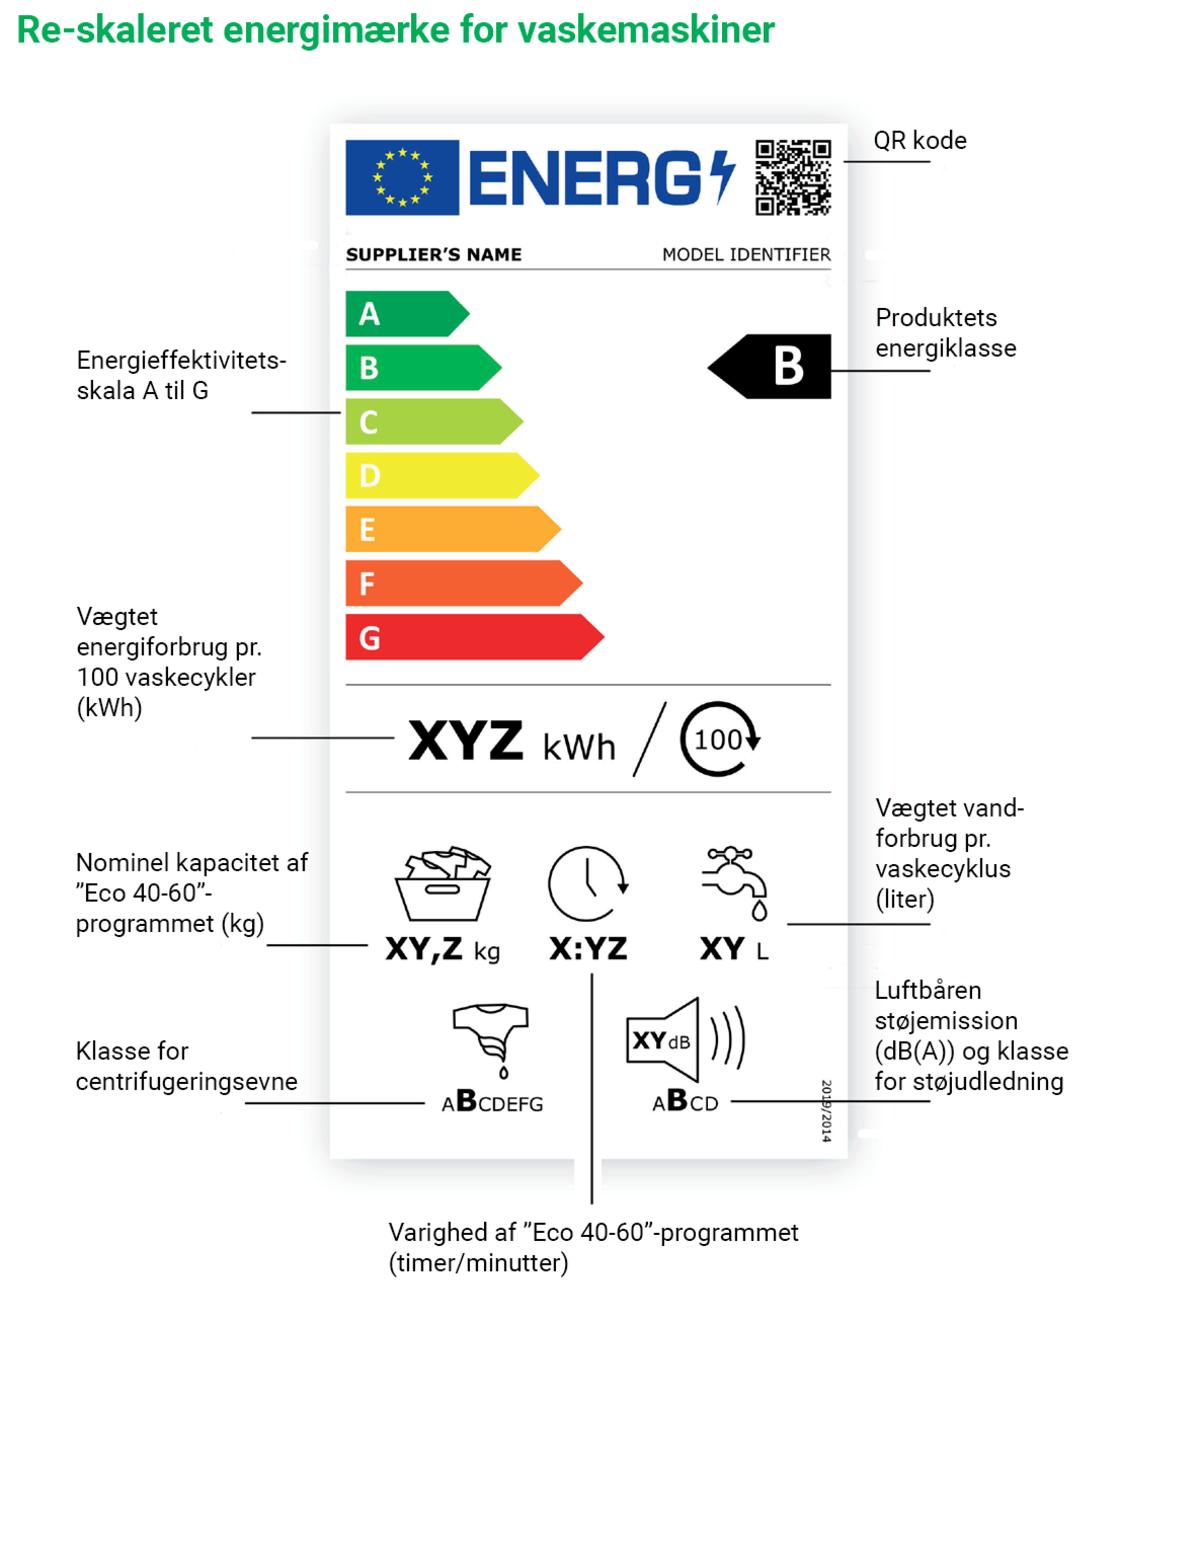 Energimærkning vaskemaskiner